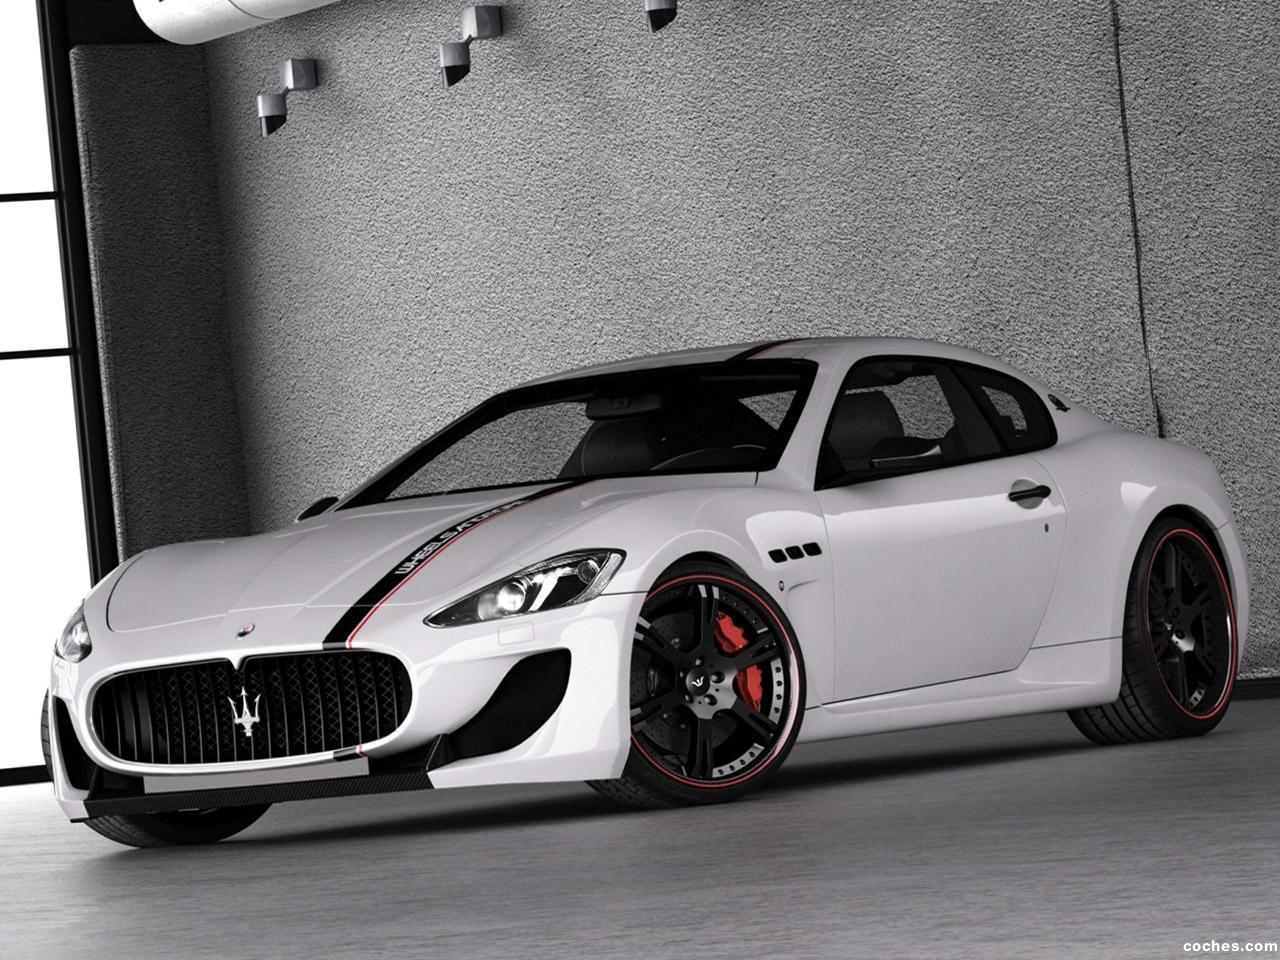 Foto 0 de Wheelsandmore Maserati MC Stradale Demonoxiou 2013